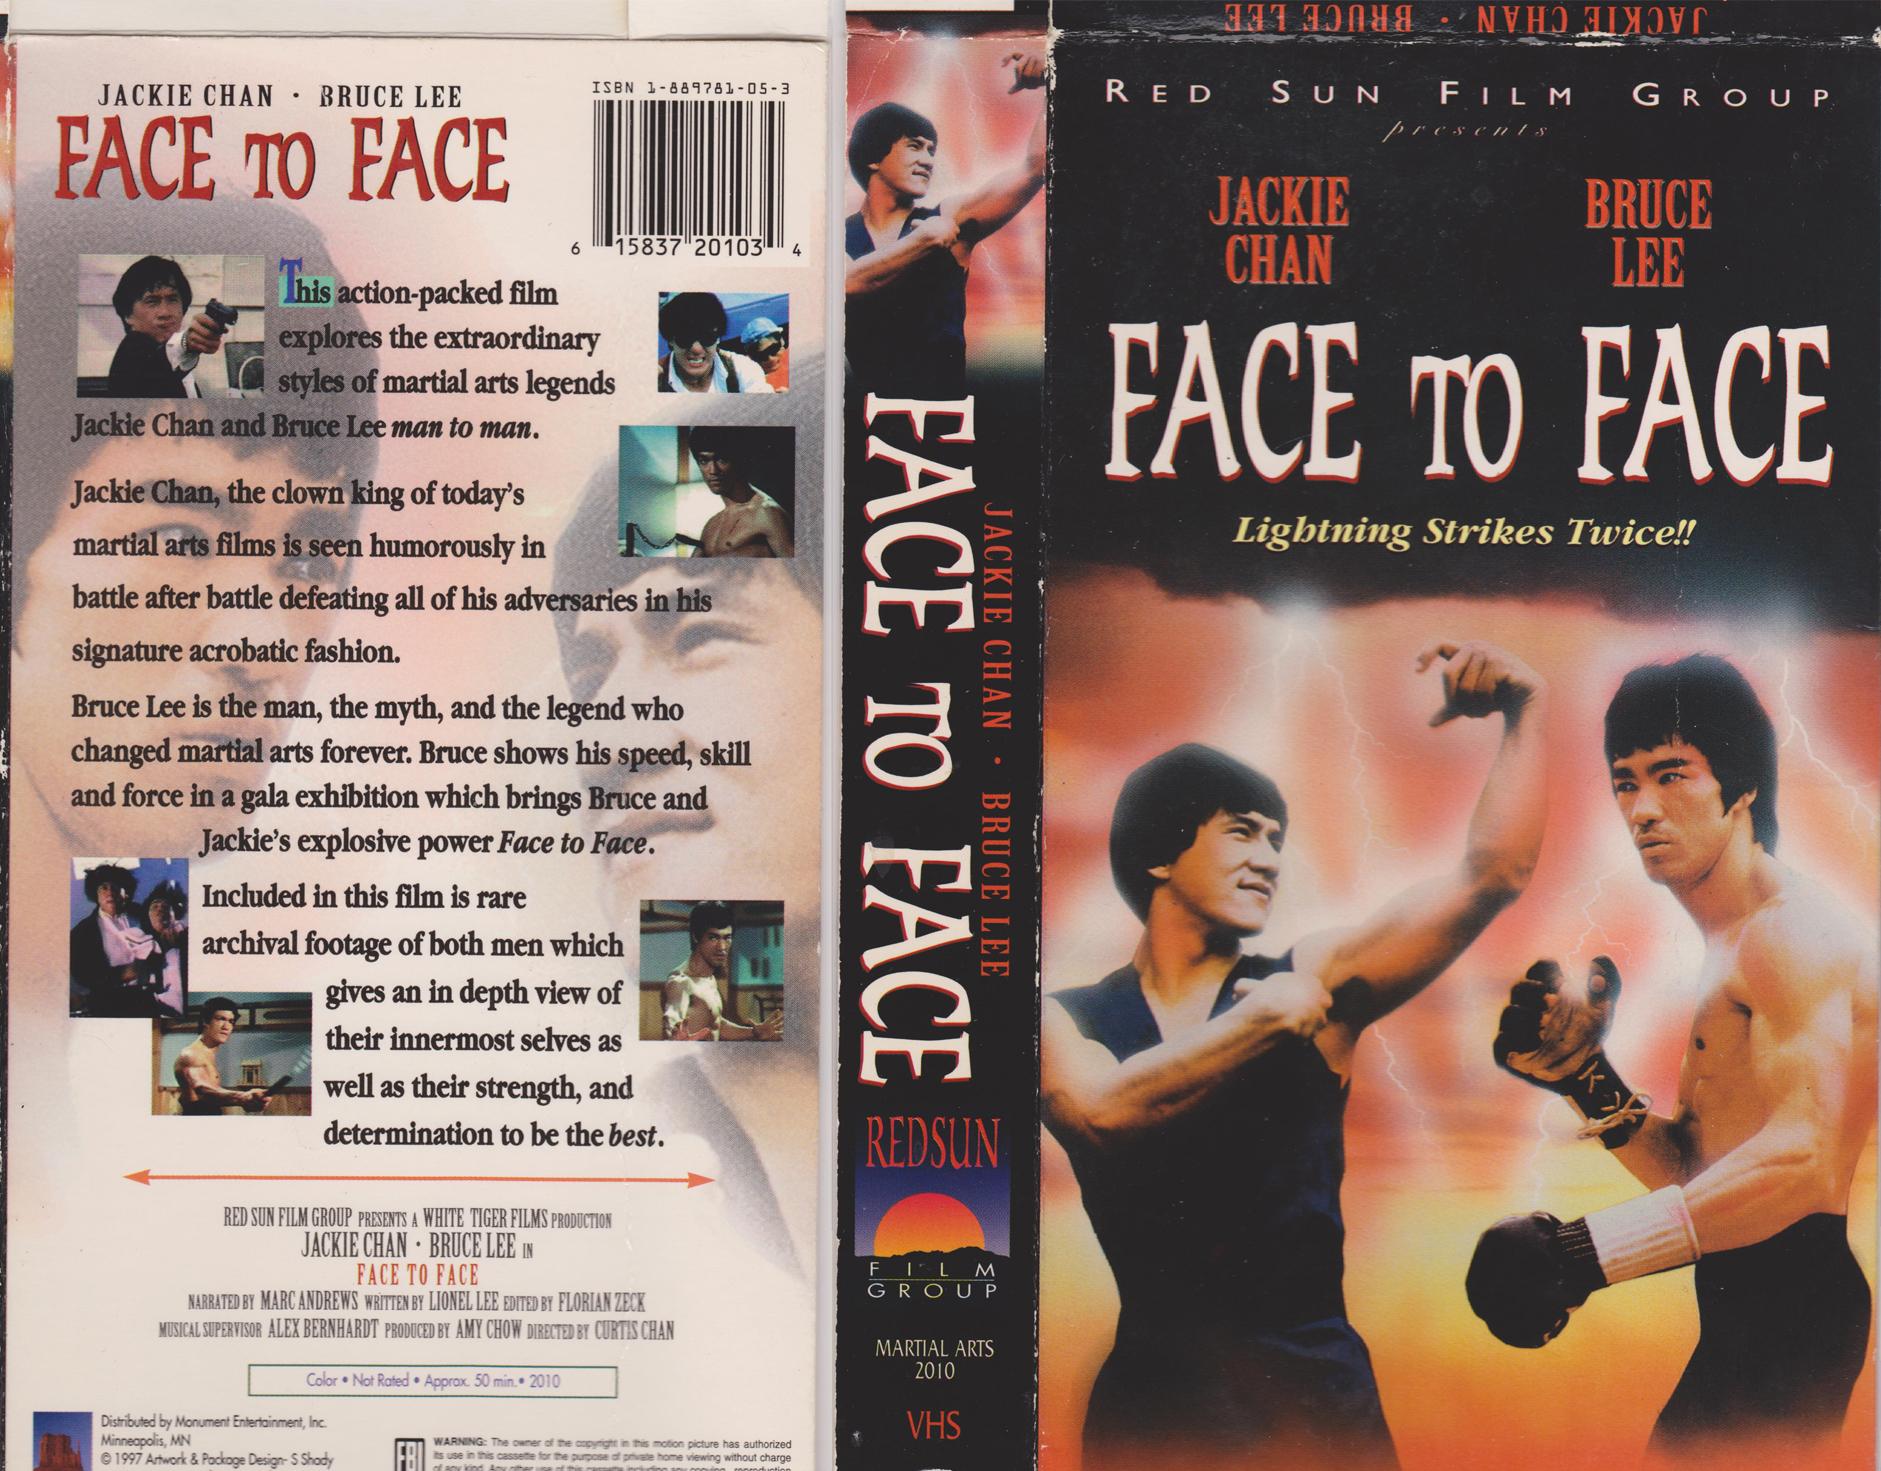 Jackie Chan as Bruce Lee